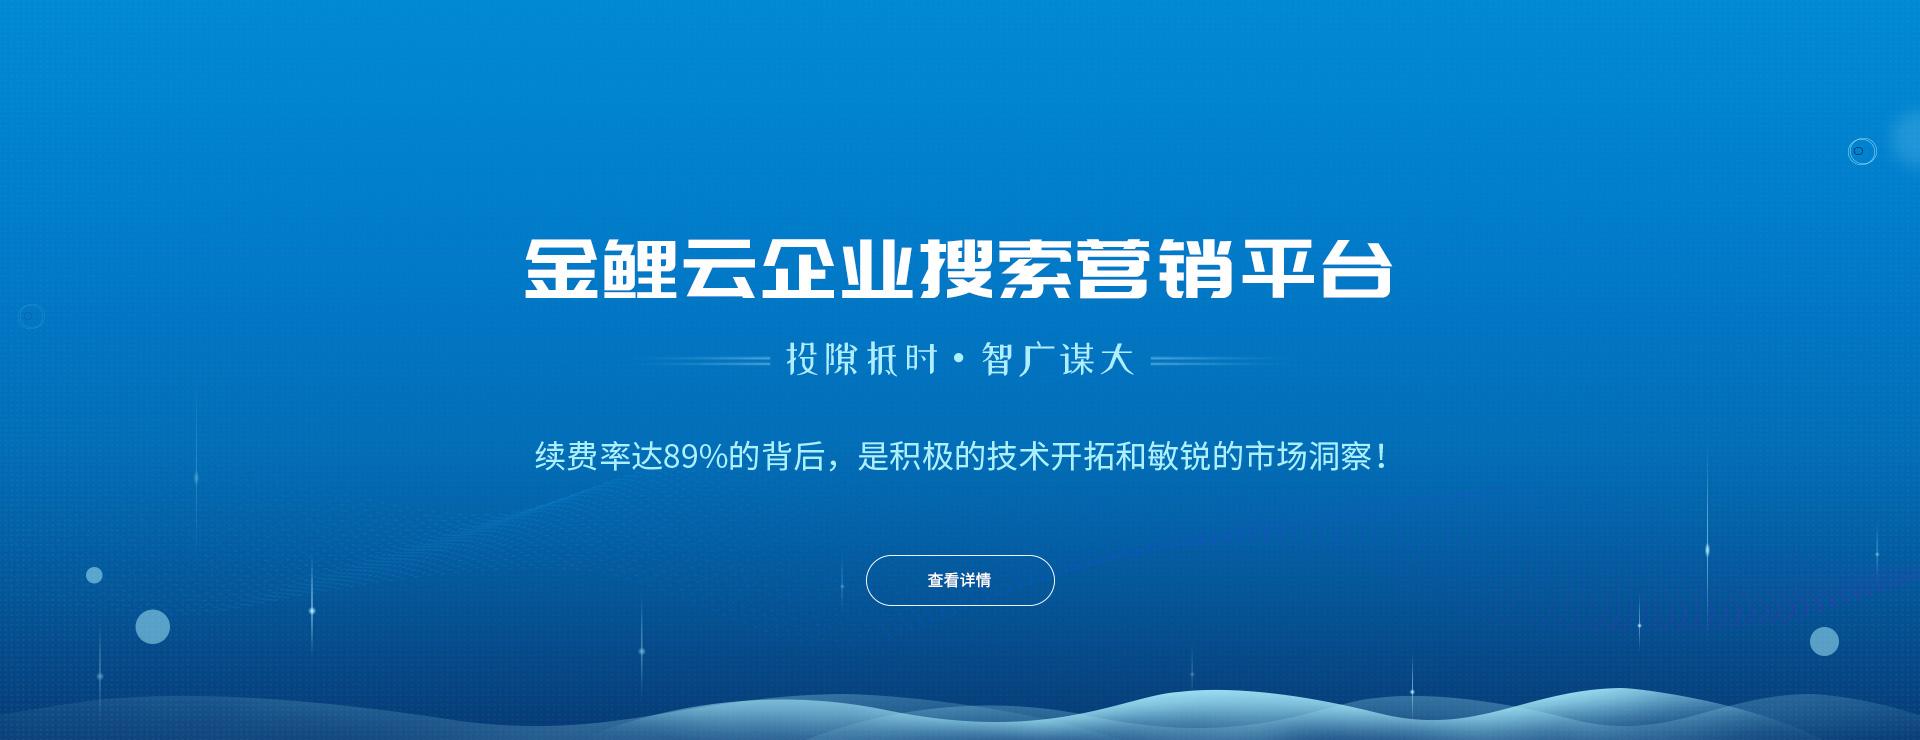 企业网站的SEO优化类型与推广方式